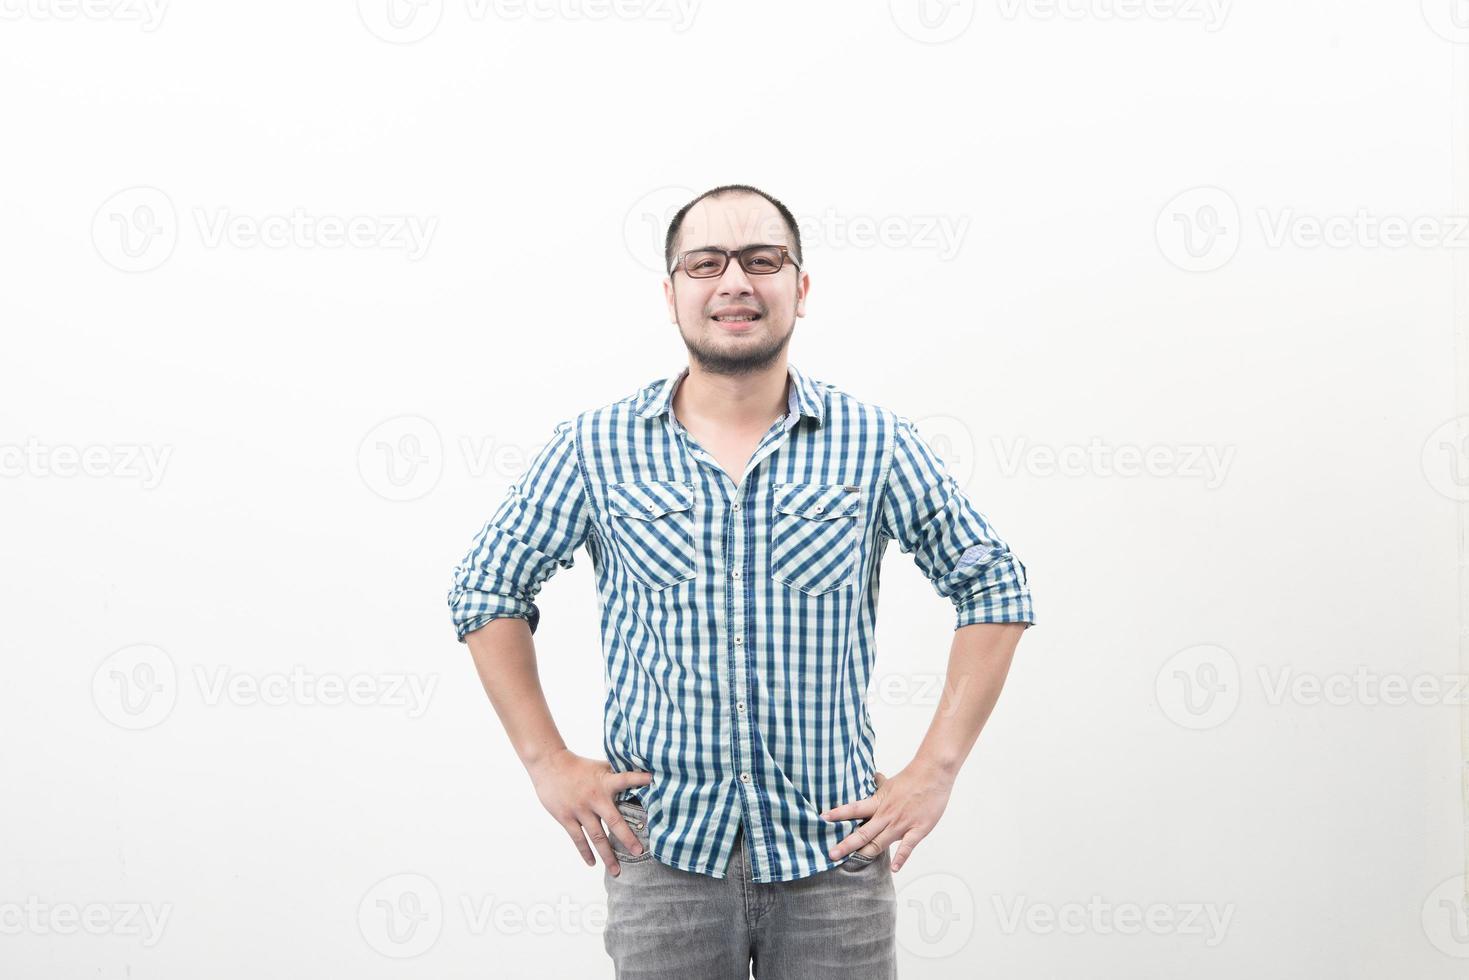 stilig glad asiatisk man som isoleras på en vit bakgrund foto